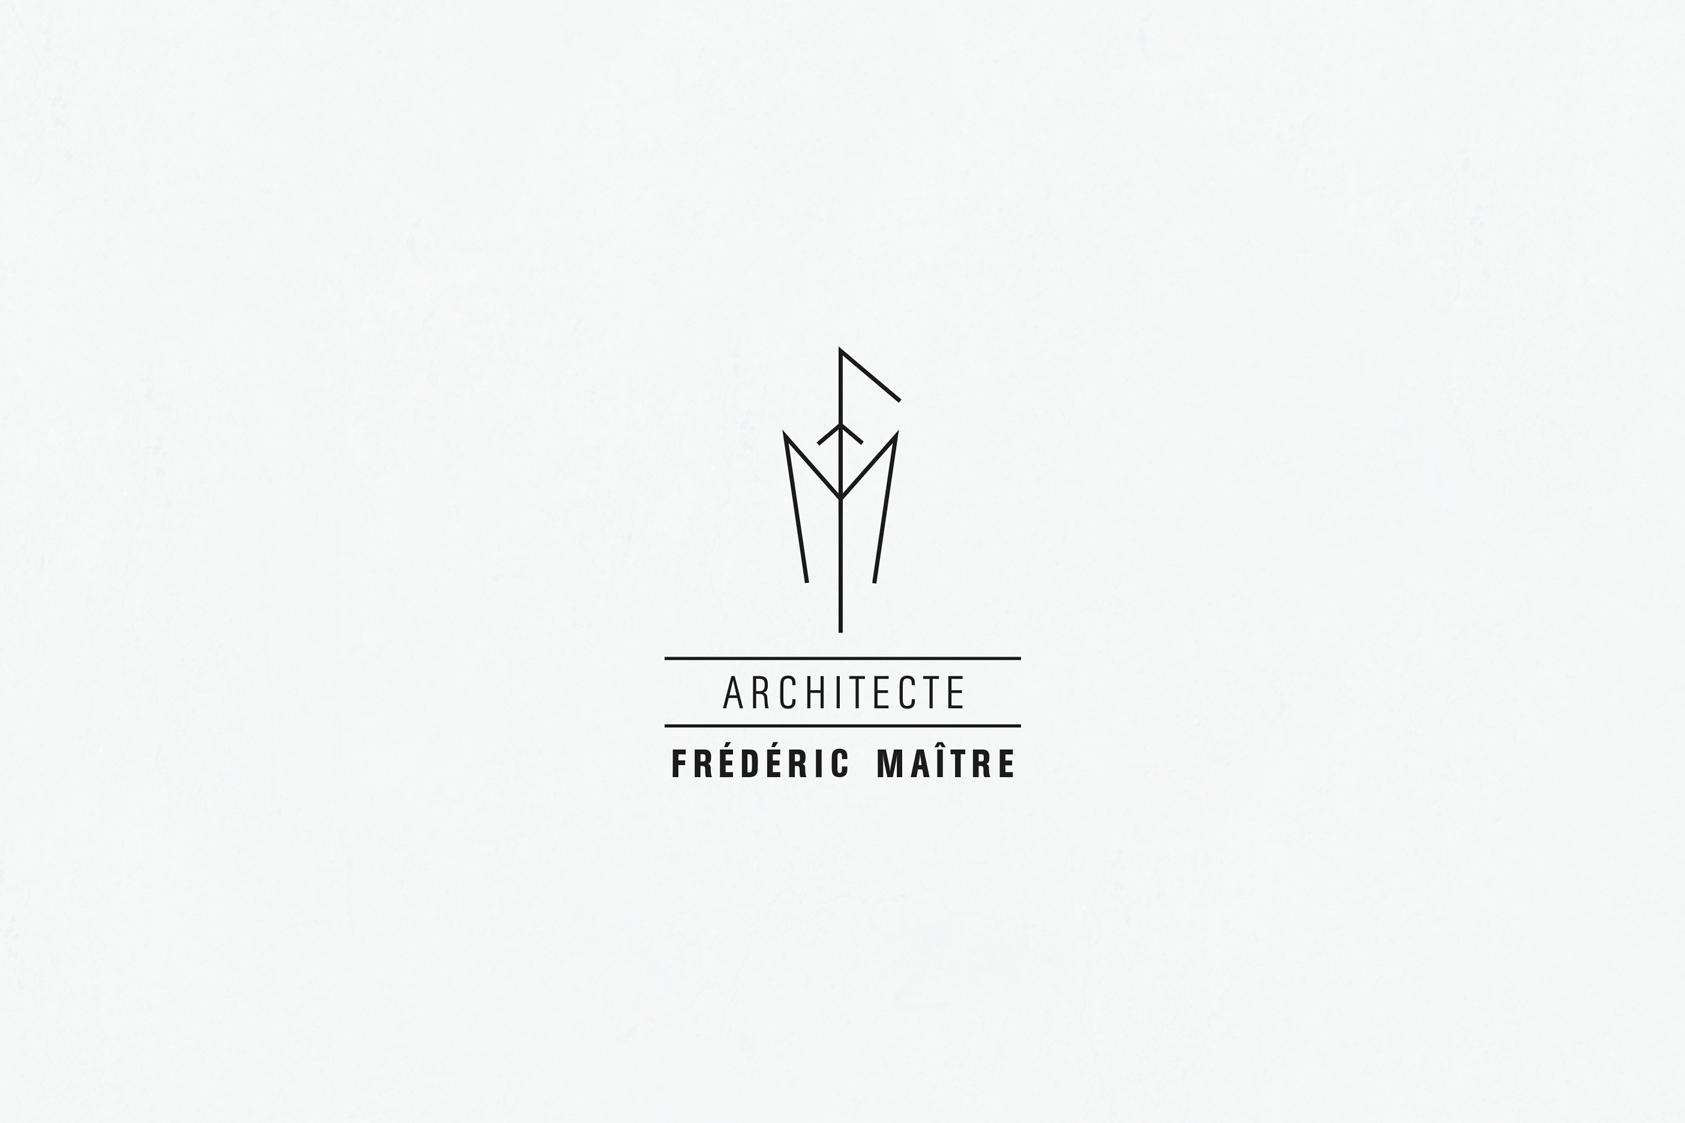 ARCHITECTE FRÉDÉRIC MAÎTRE